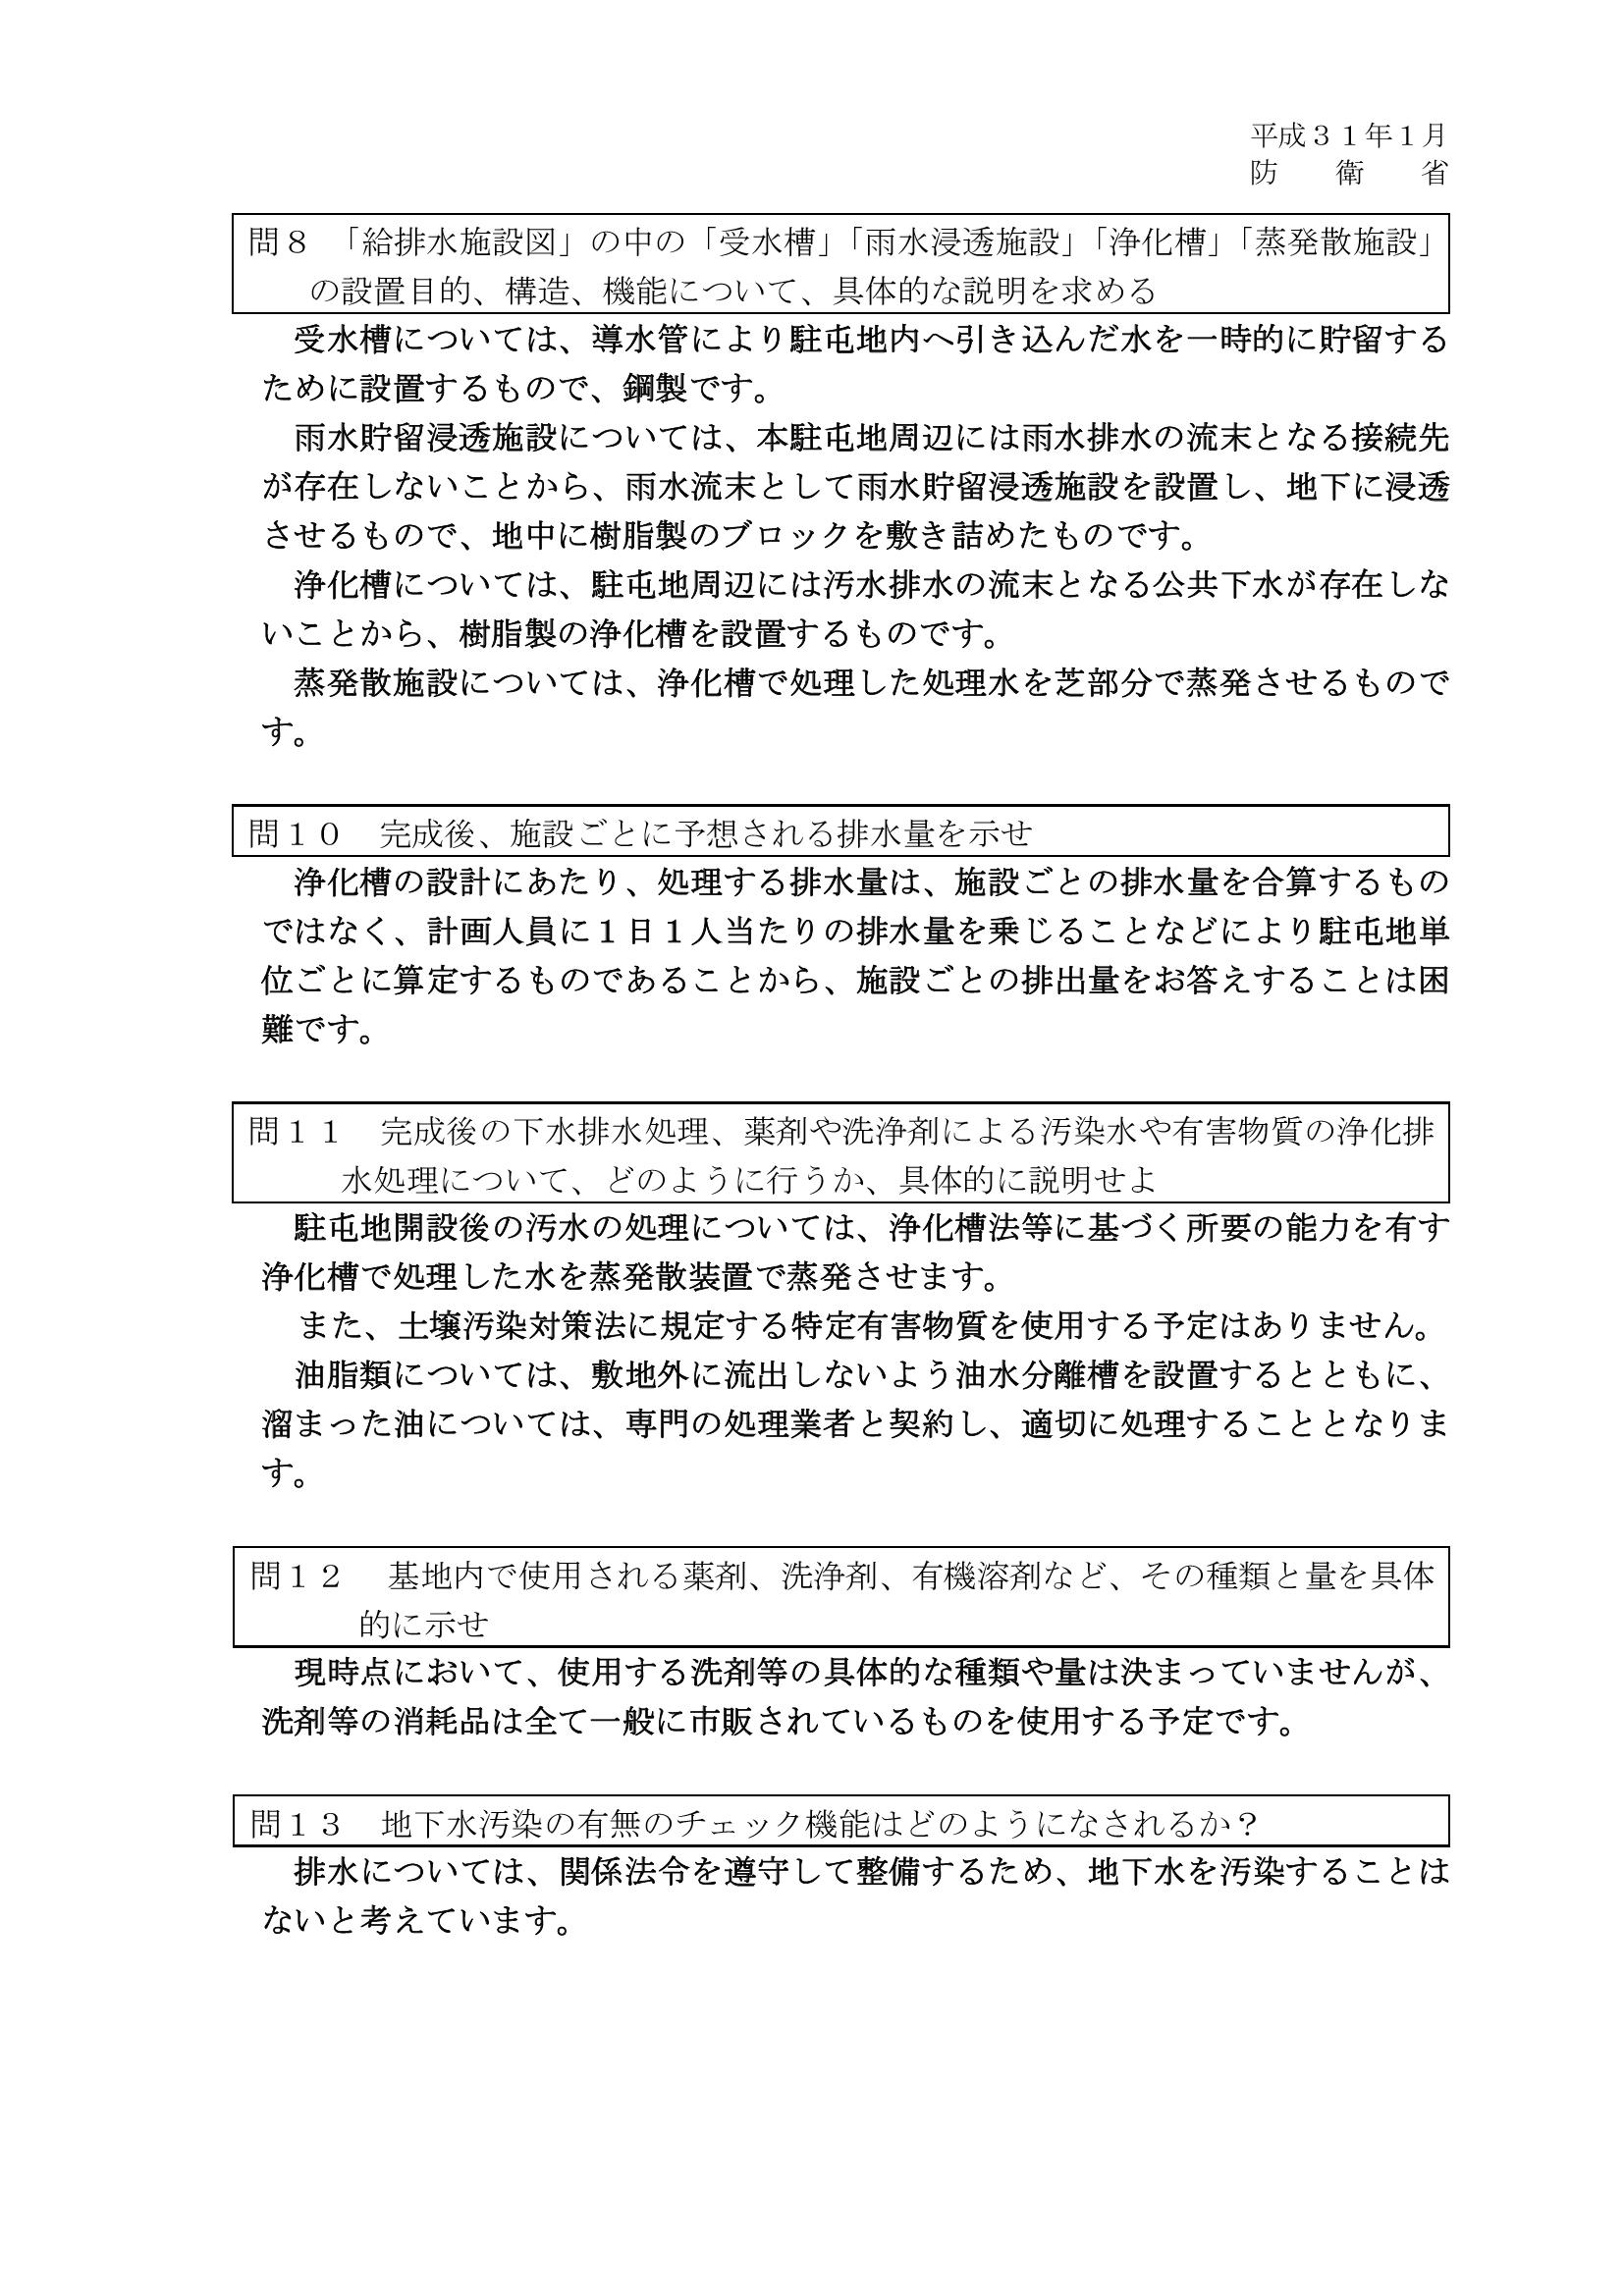 201901防衛省回答0002